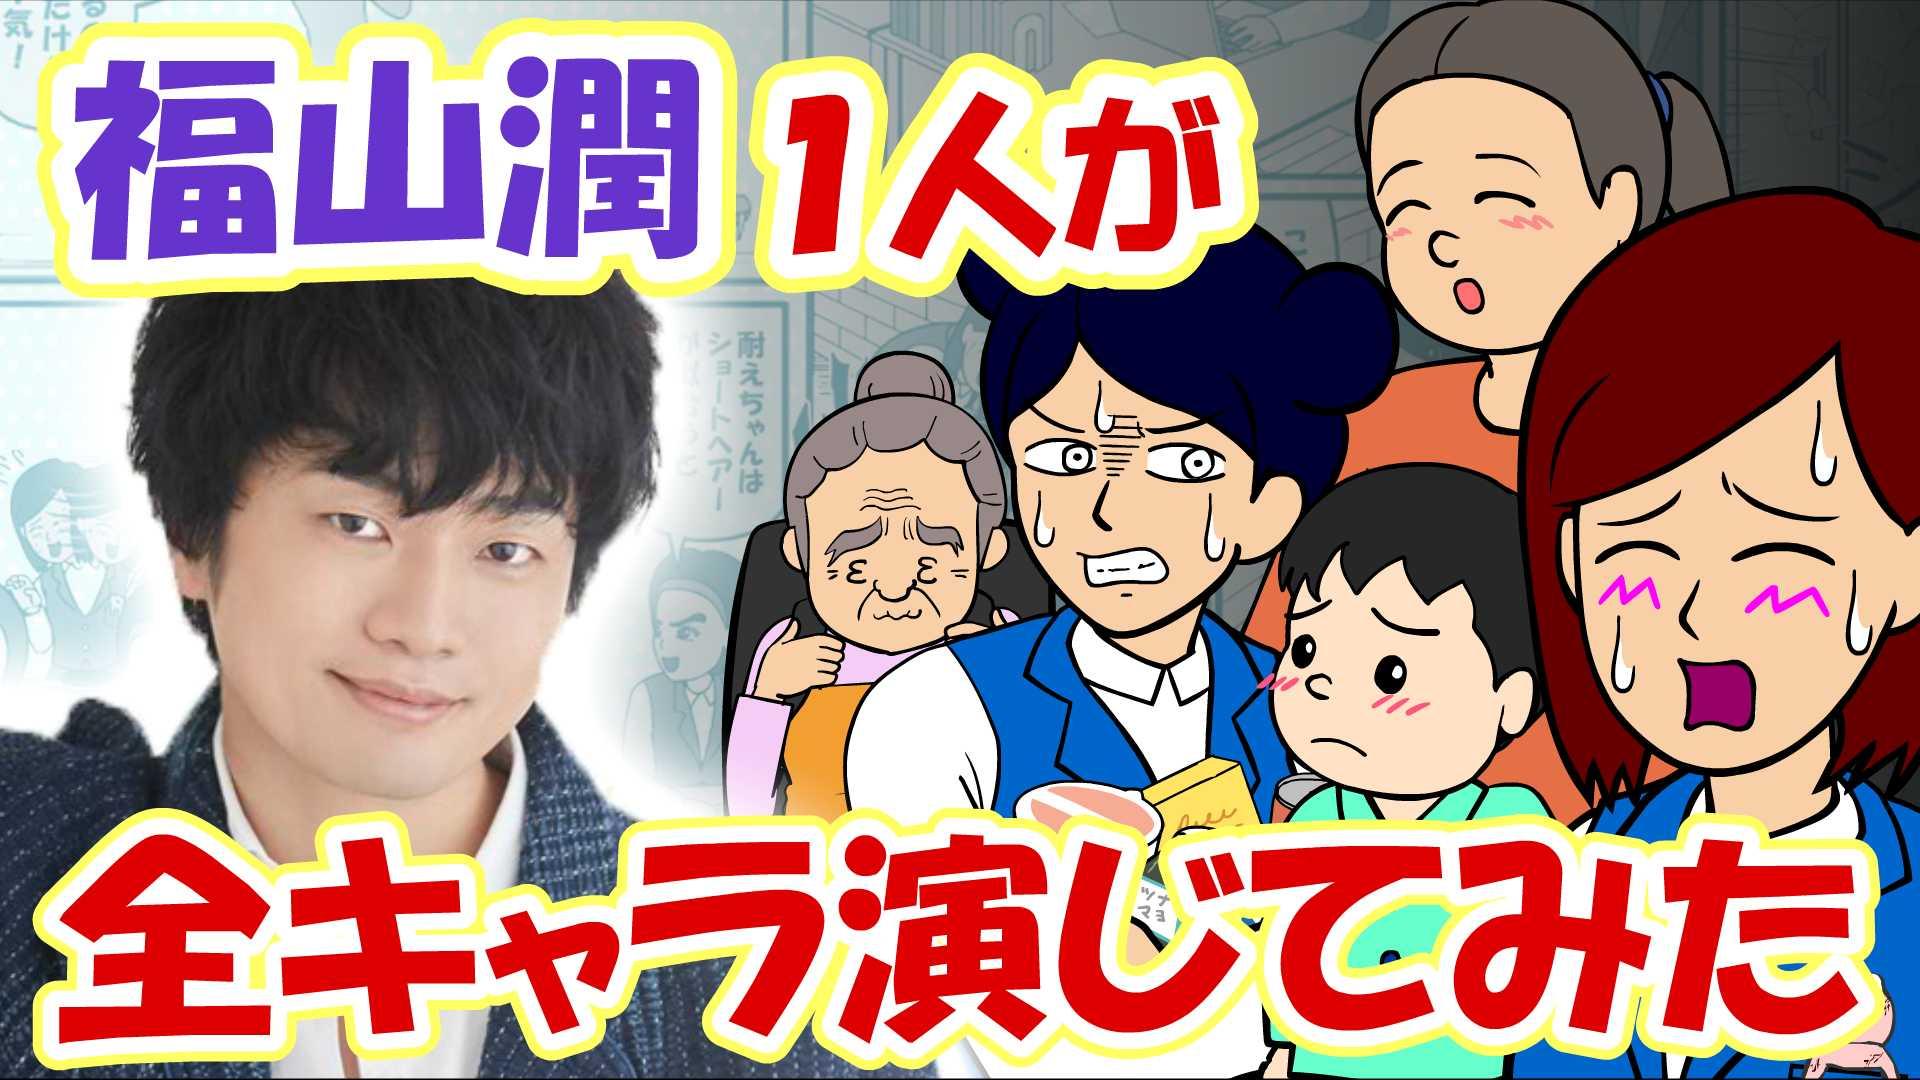 おそ松さんパロに爆笑「耐え子の日常」福山潤さんが耐え子、赤ちゃん、小学生、お母さんなどをひとりで演じ分け!